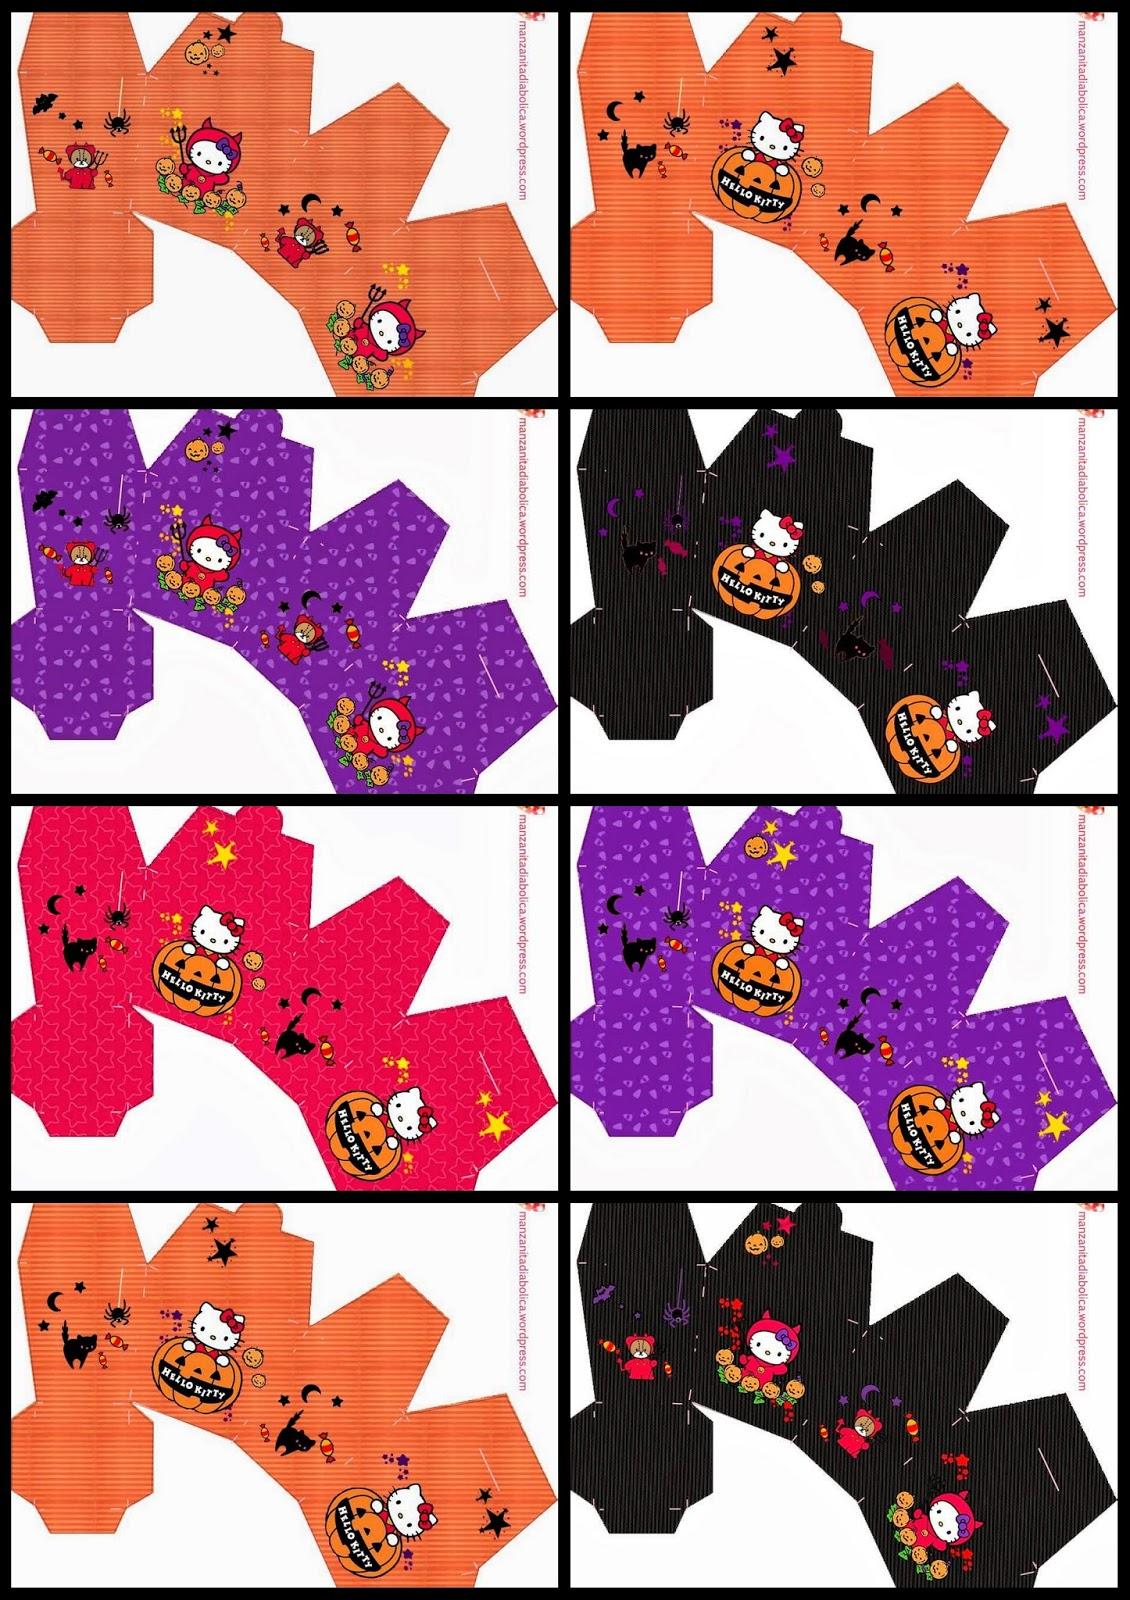 Preciosas Cajas de Hello Kitty en Halloween para Imprimir Gratis.